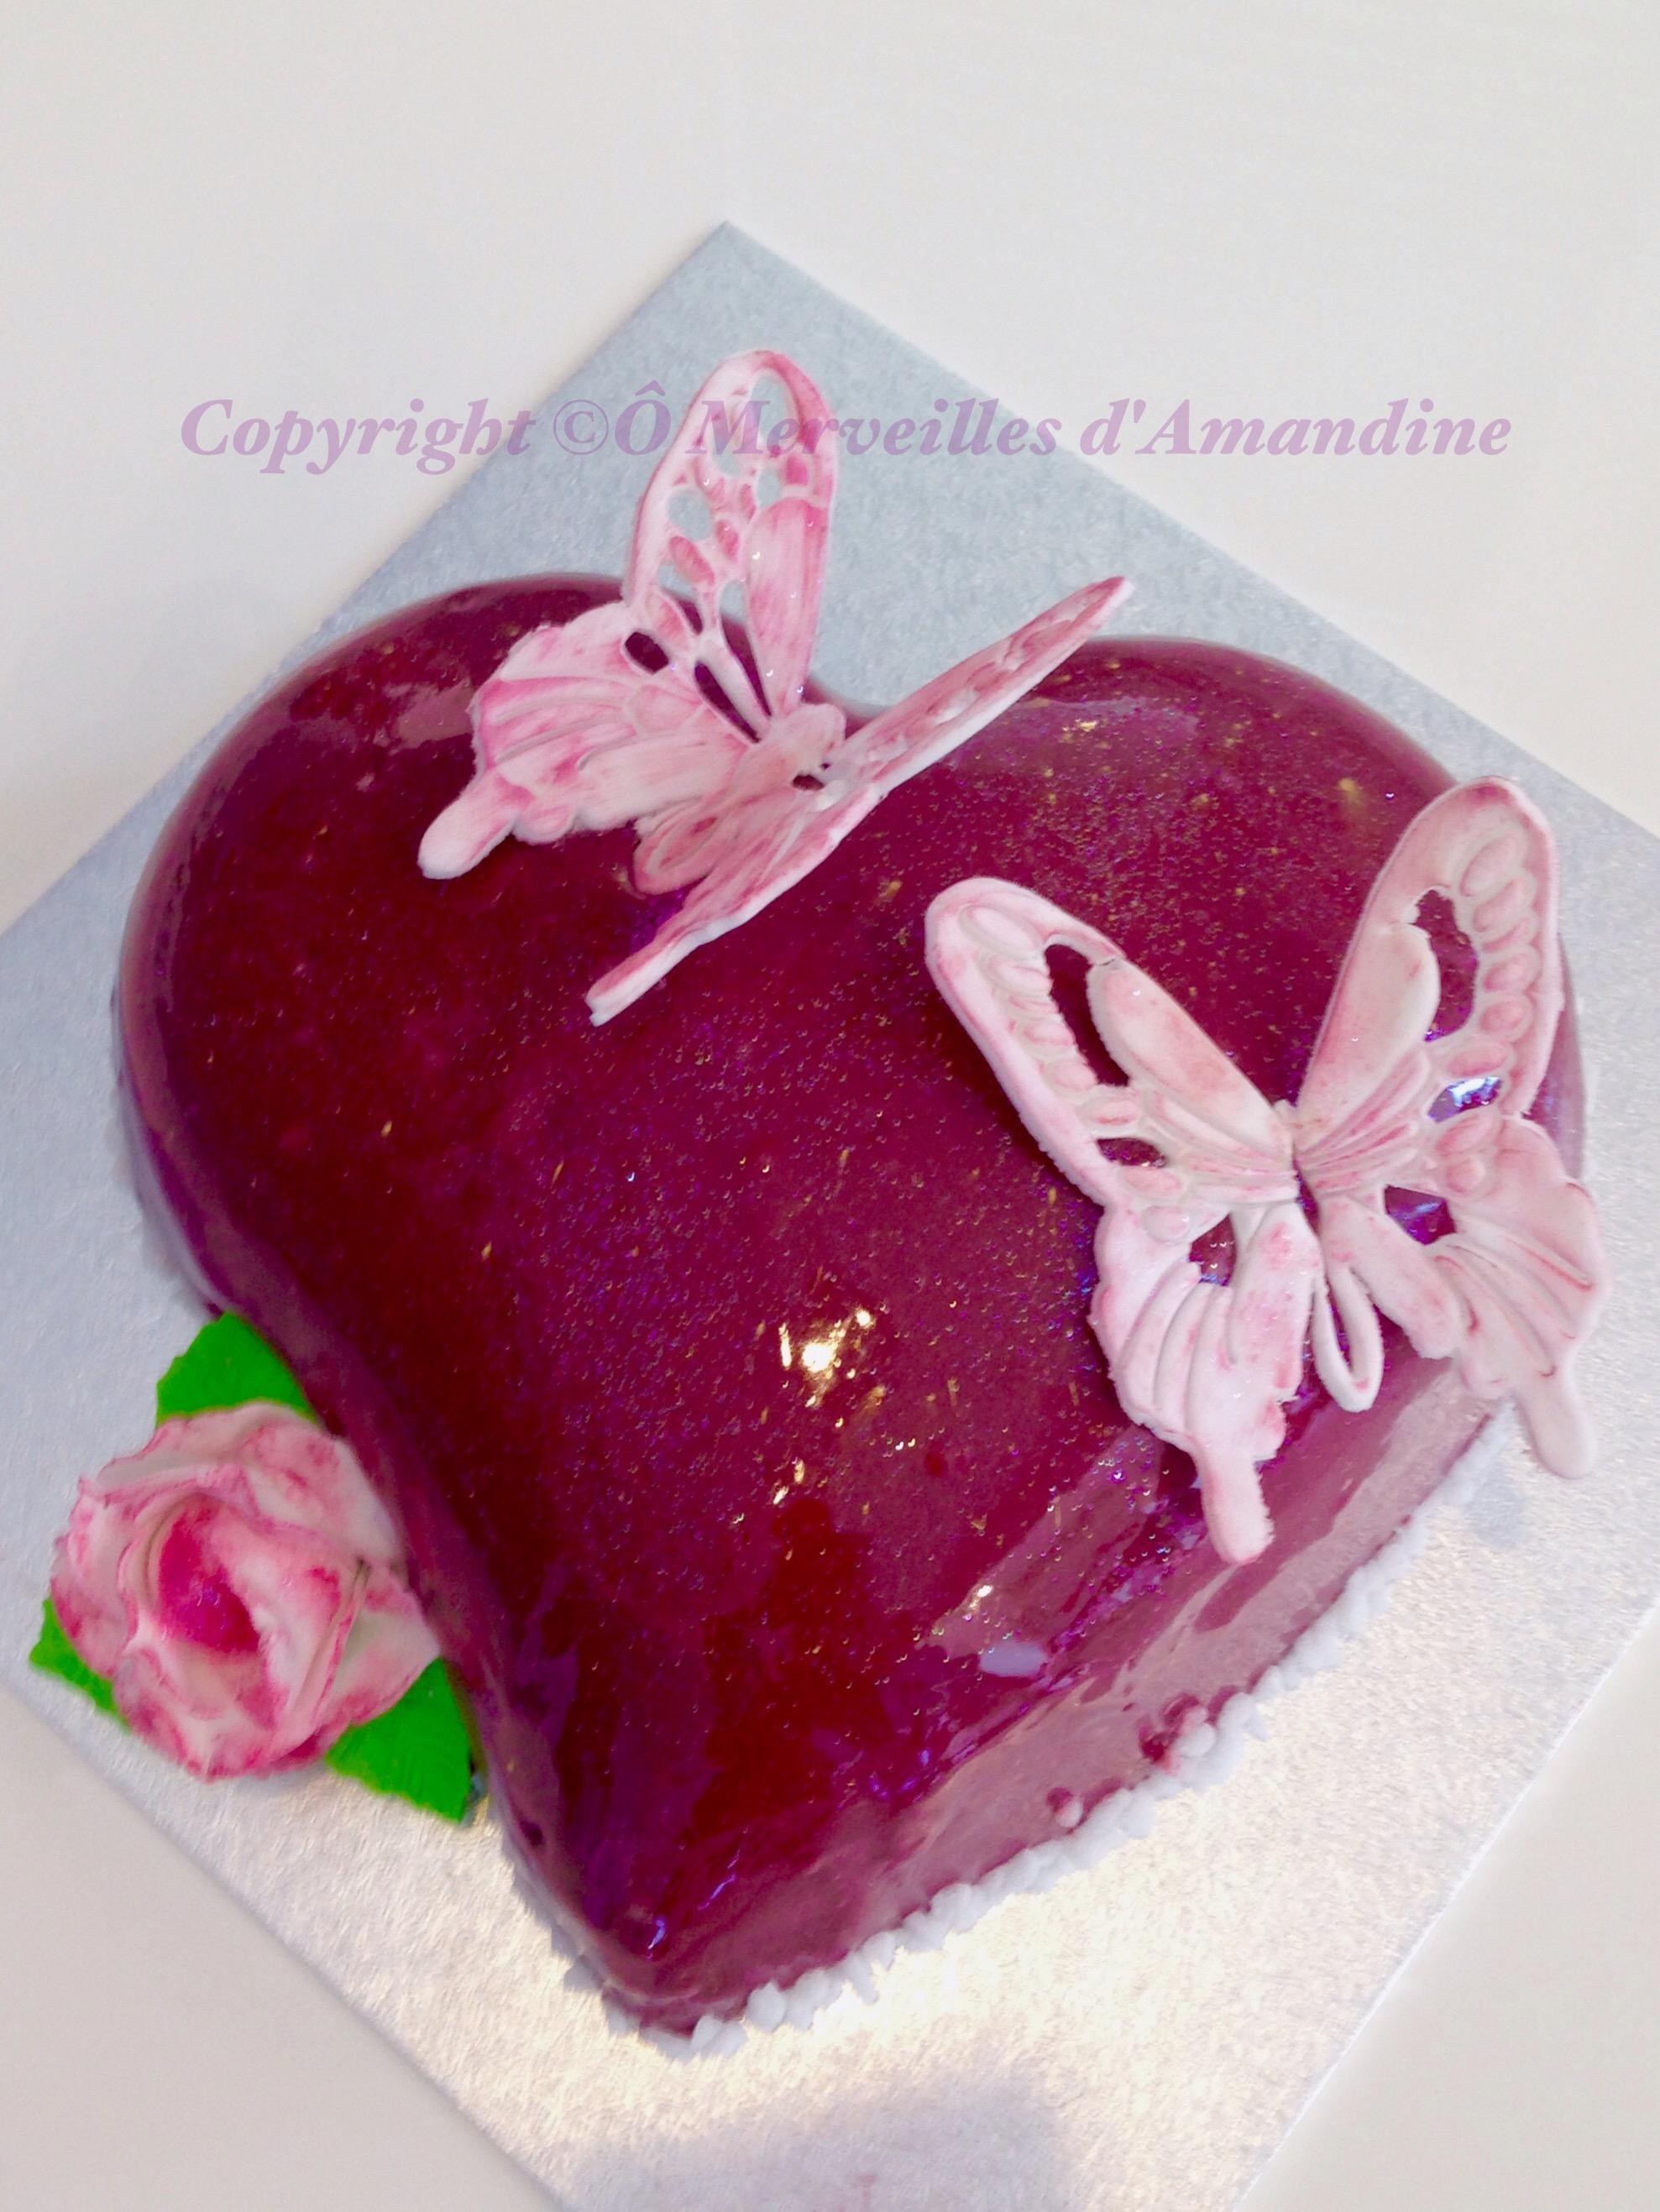 Les b g teaux merveilles d 39 amandine for Miroir framboise